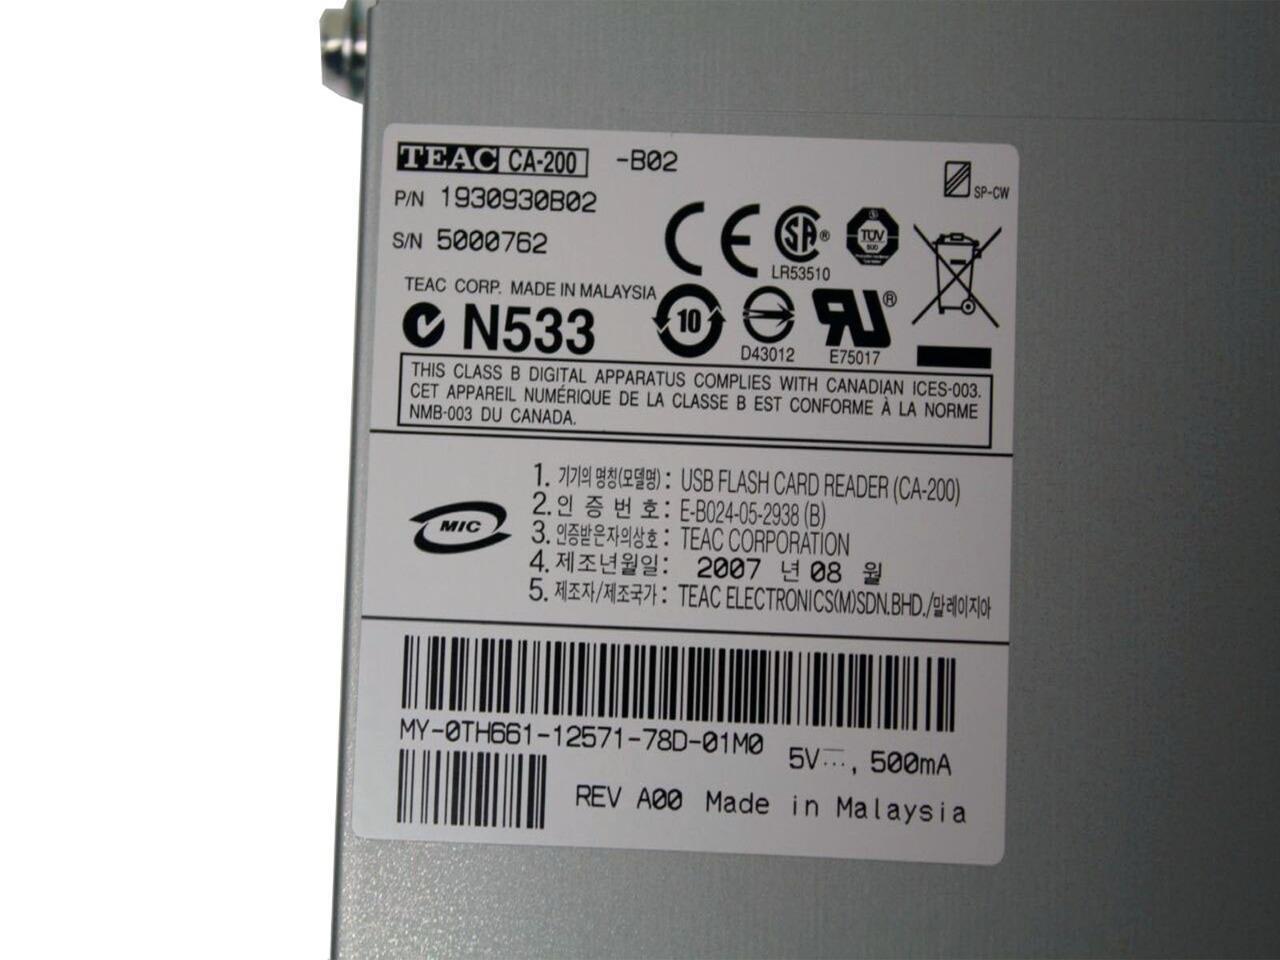 Dell XPS 720 Black TEAC CA-200 Card Reader Drivers Mac